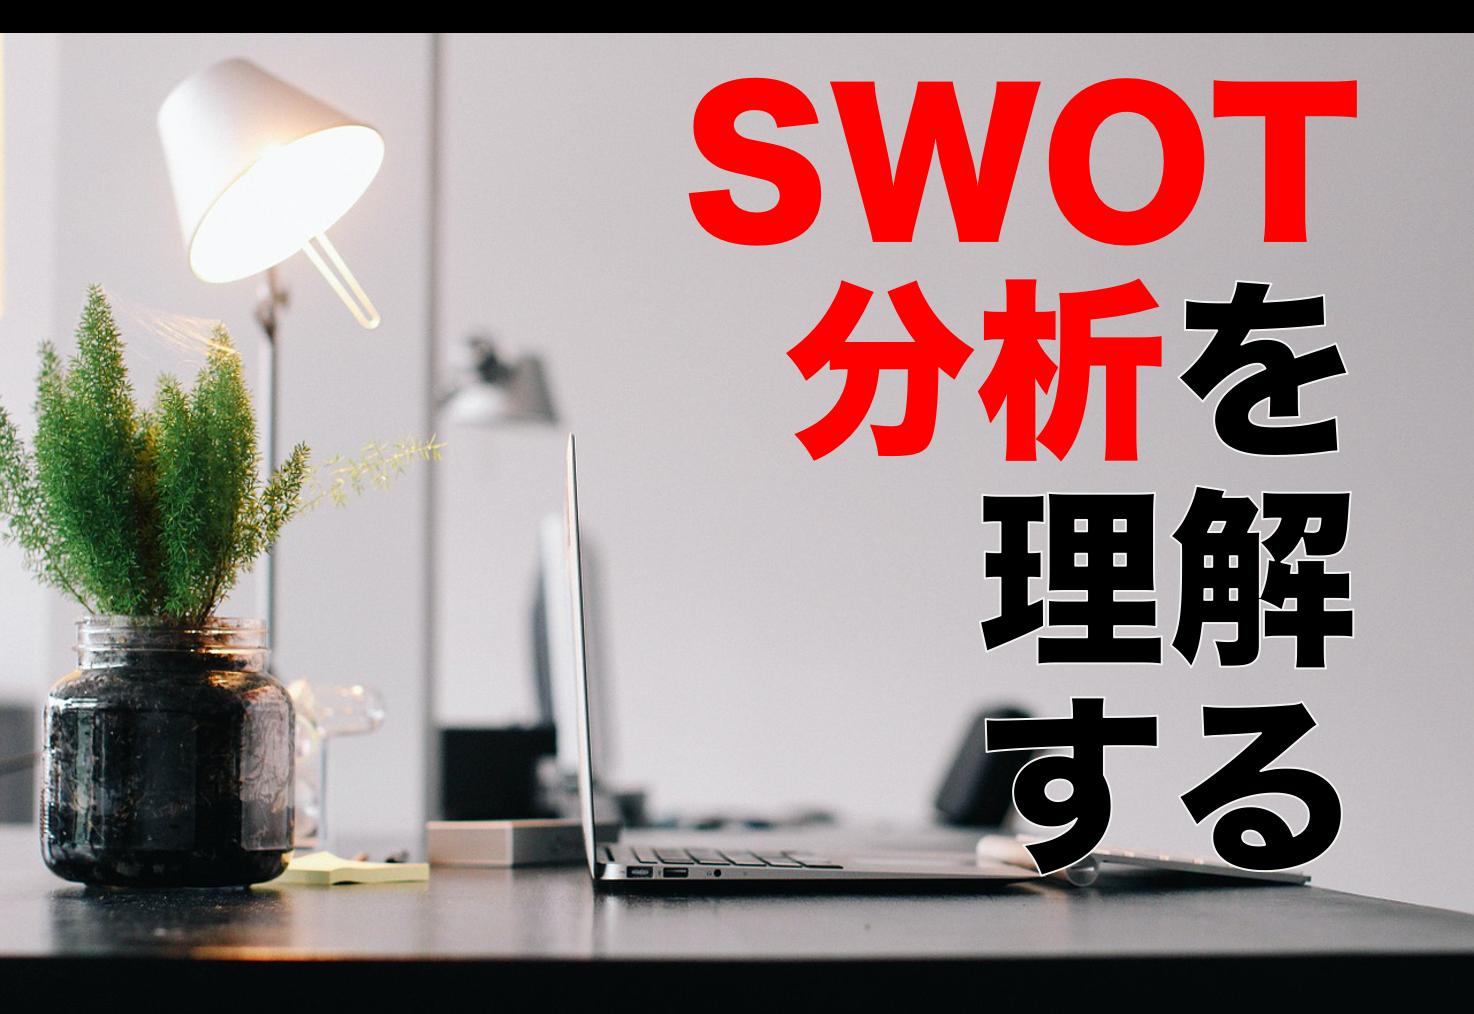 【事例で解説】SWOT分析の手法をテンプレートを使って理解する